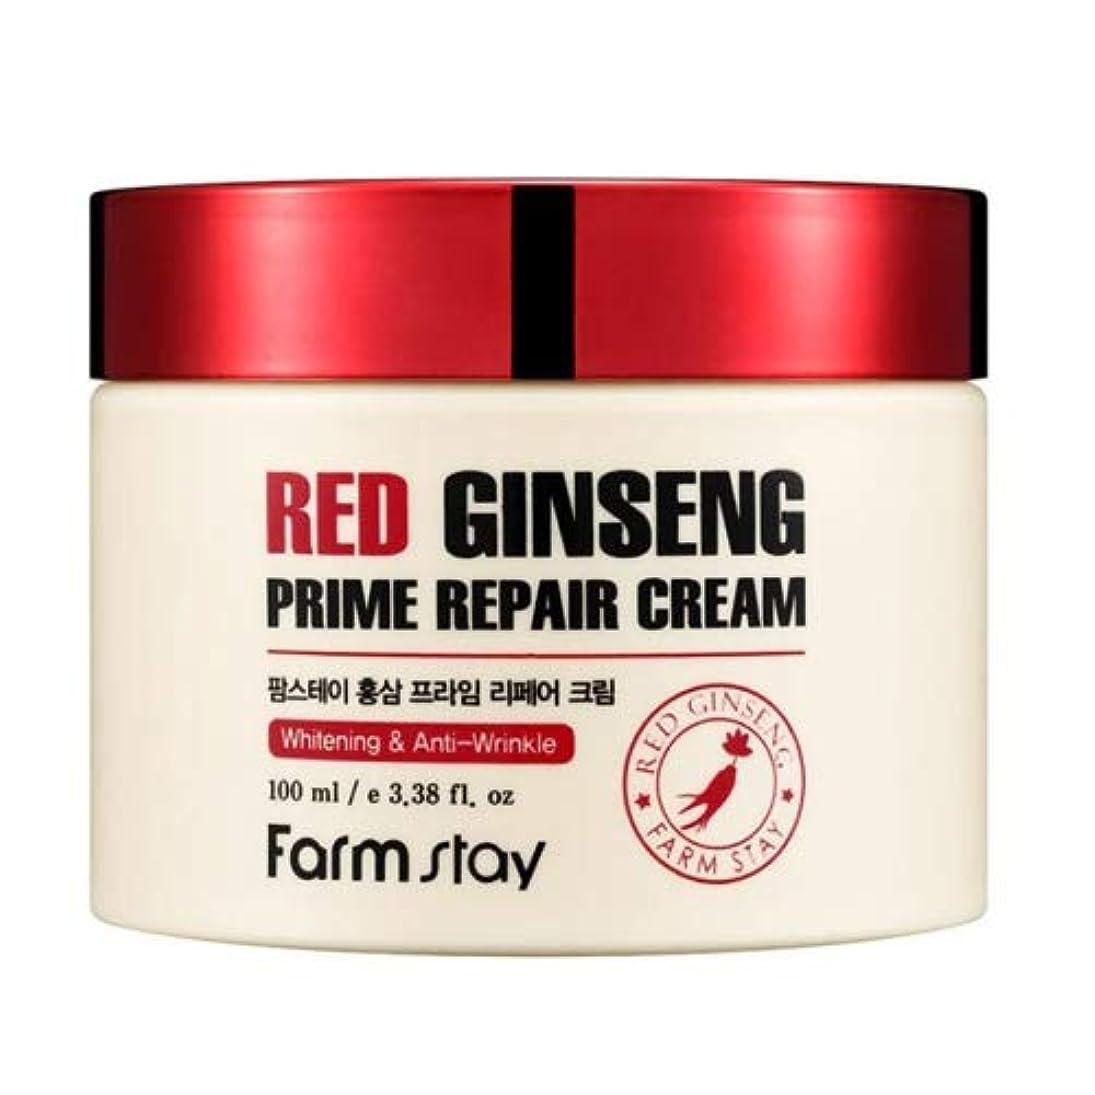 十分にクロニクルシダFarm stay Red Ginseng Prime Repair Cream 紅参プライムリペアクリーム100ml[並行輸入品]